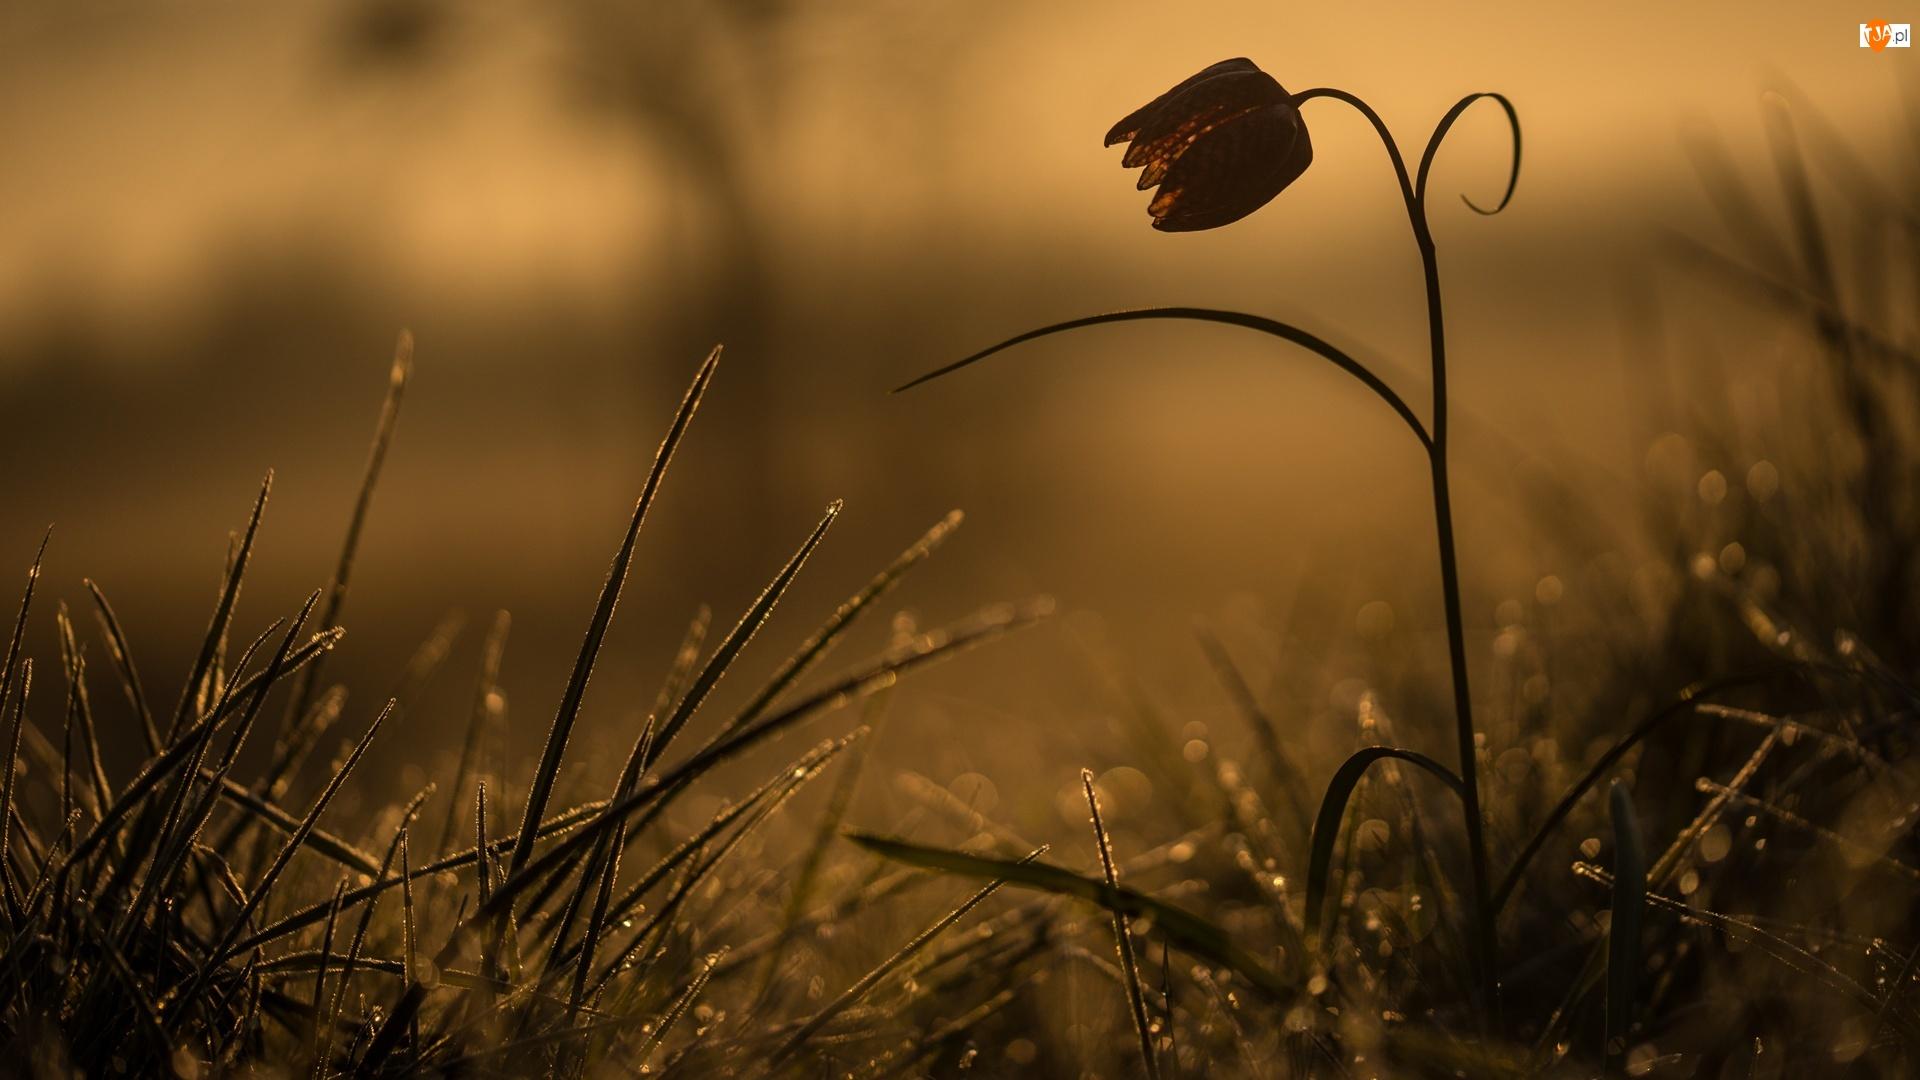 Szachownica kostkowata, Kwiat, Rosa, Tło, Trawa, Rozmyte